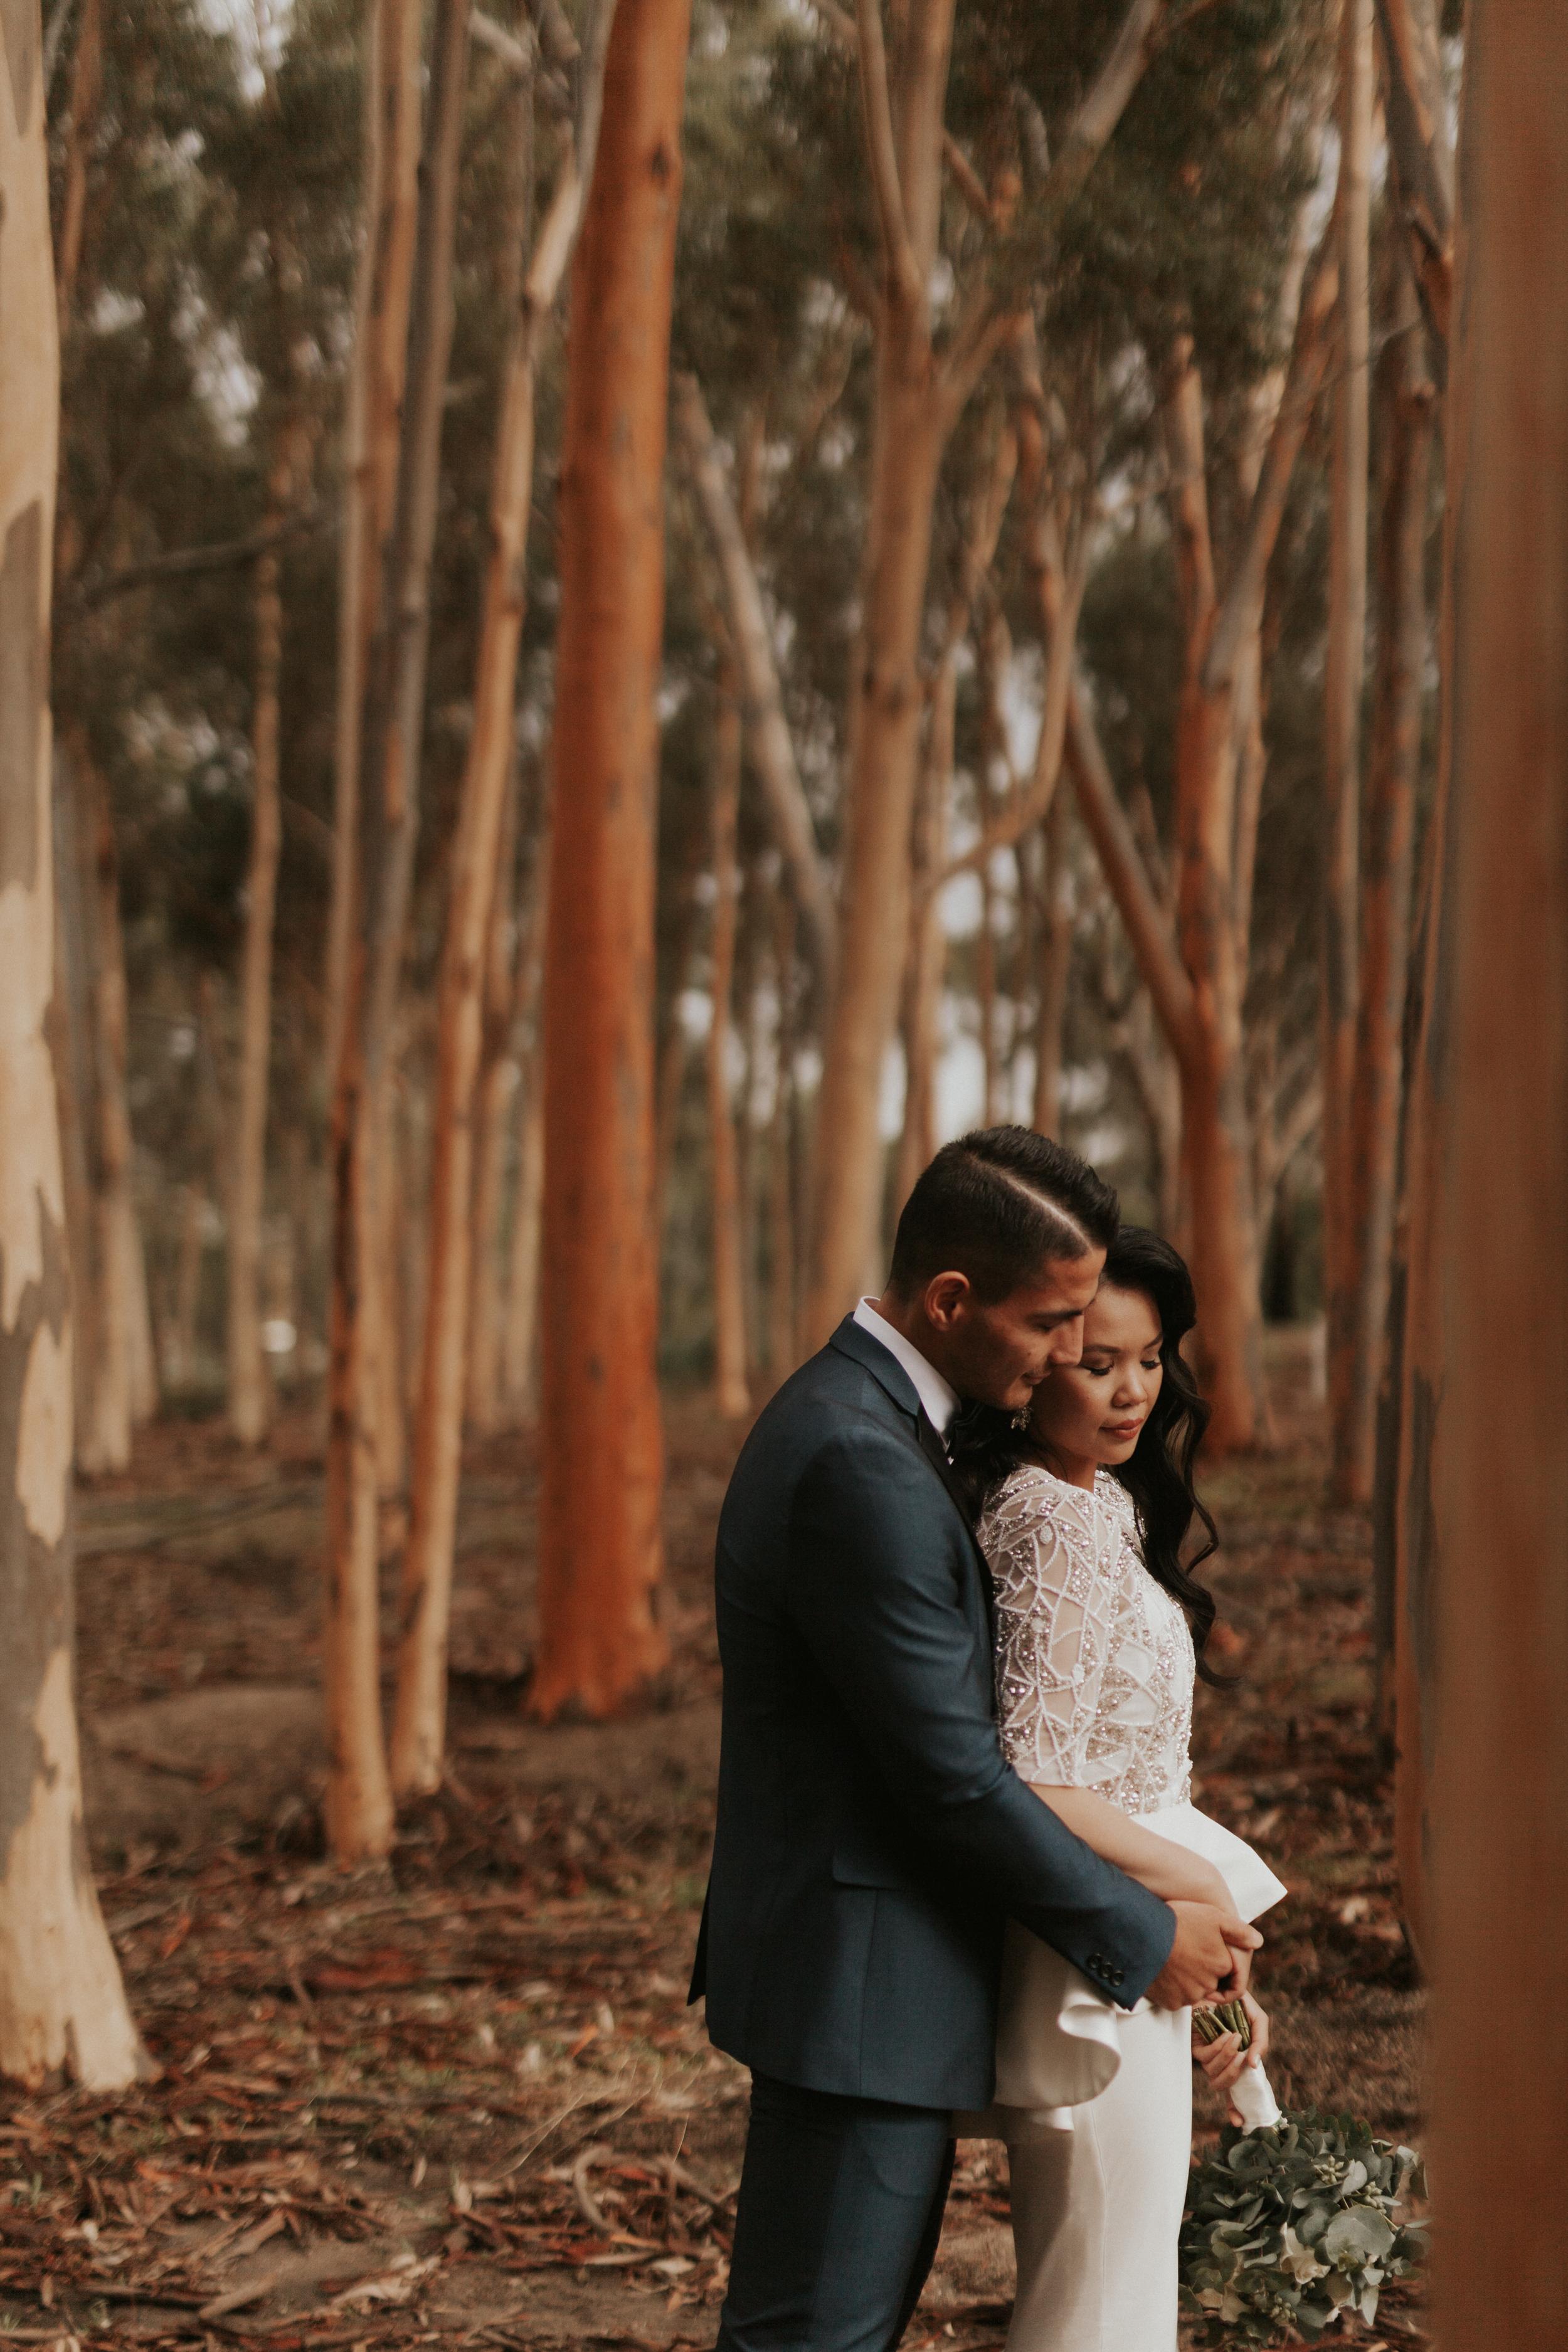 Melbourne-Fitzroy-Treasury-Gardens-wedding-EmotionsandMath-049.jpg